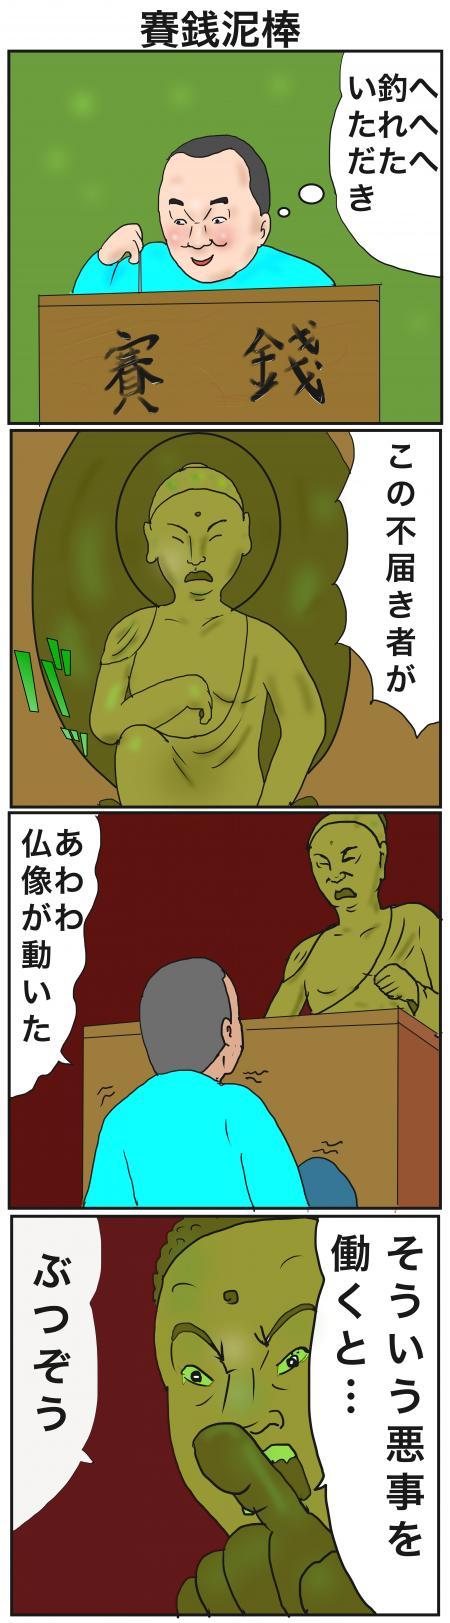 仏像+のコピー_convert_20150524083616